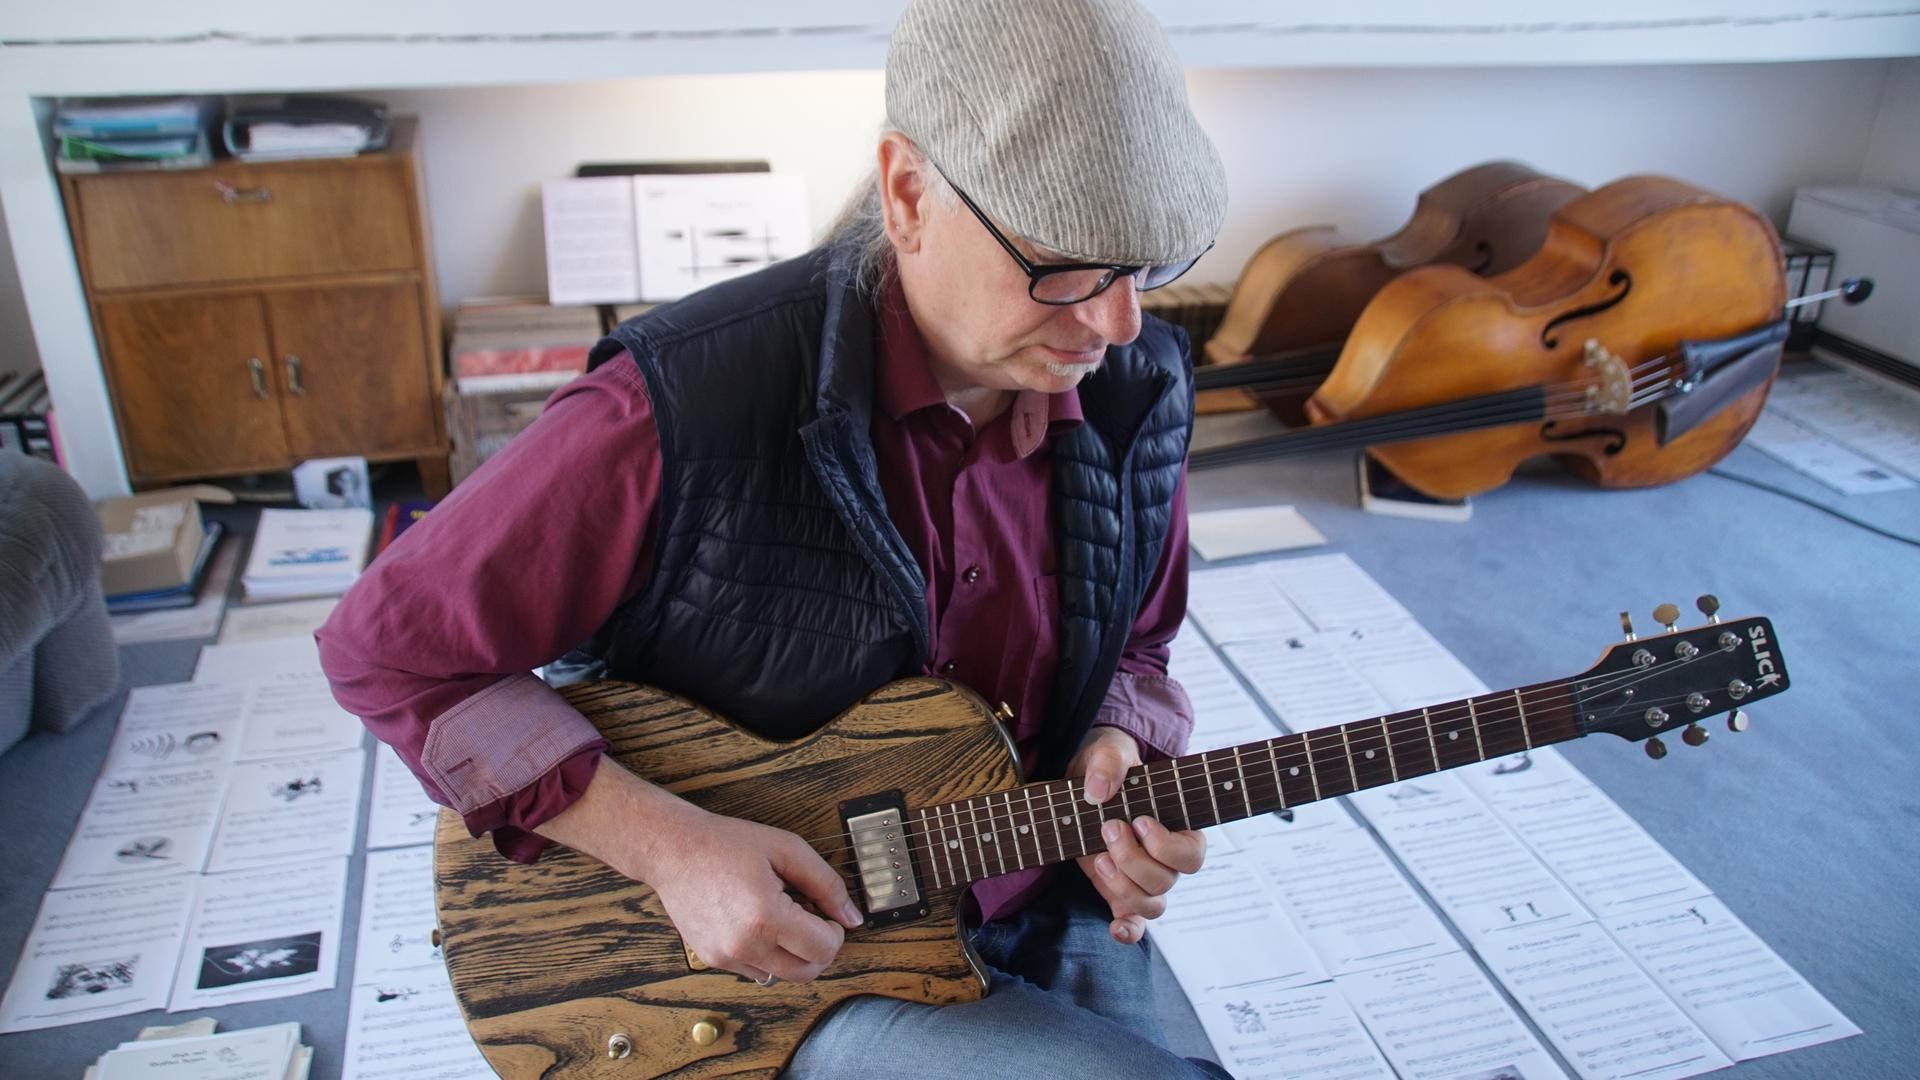 Kreativer Kopf: Der Steiner Komponist Roman Rothen hat ein Buch für den Gitarren-Unterricht übers Internet geschrieben. Erhältlich ist es noch nicht, aber die Einzelseiten liegen schon in seinem Arbeitszimmer.